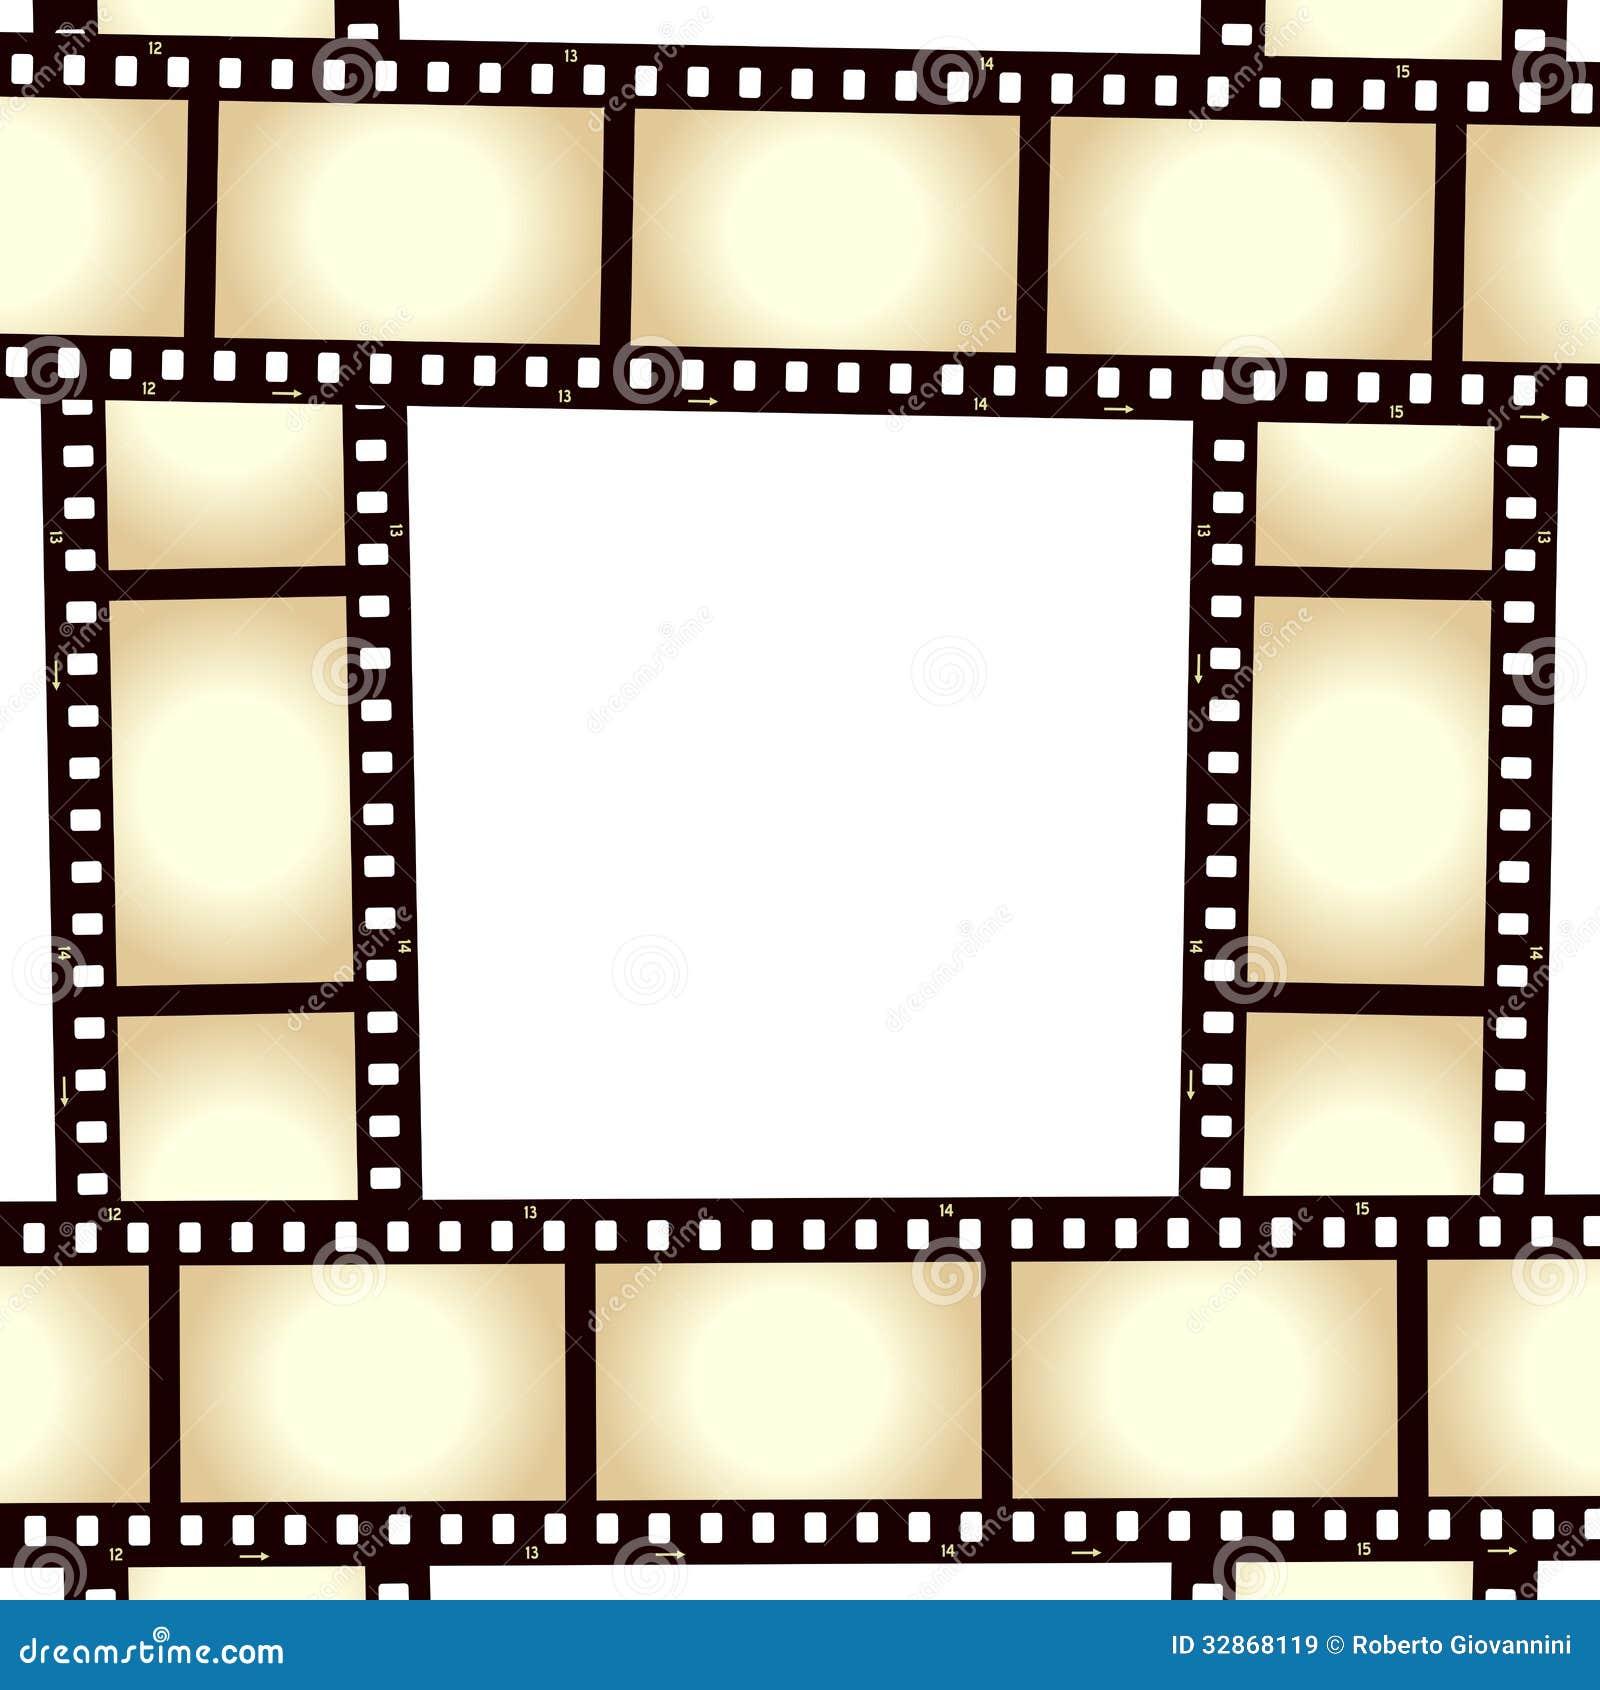 Film-Streifen-Feld vektor abbildung. Illustration von emulsion - 773716